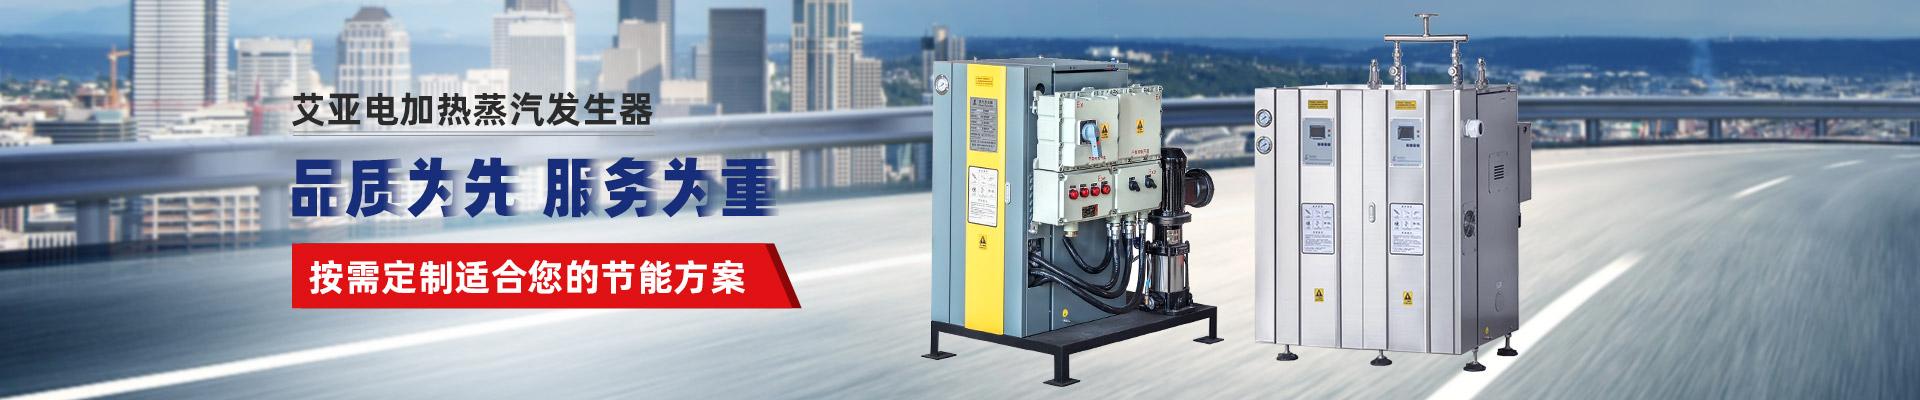 艾亚锅炉-艾亚锅炉做您信赖的热能专家